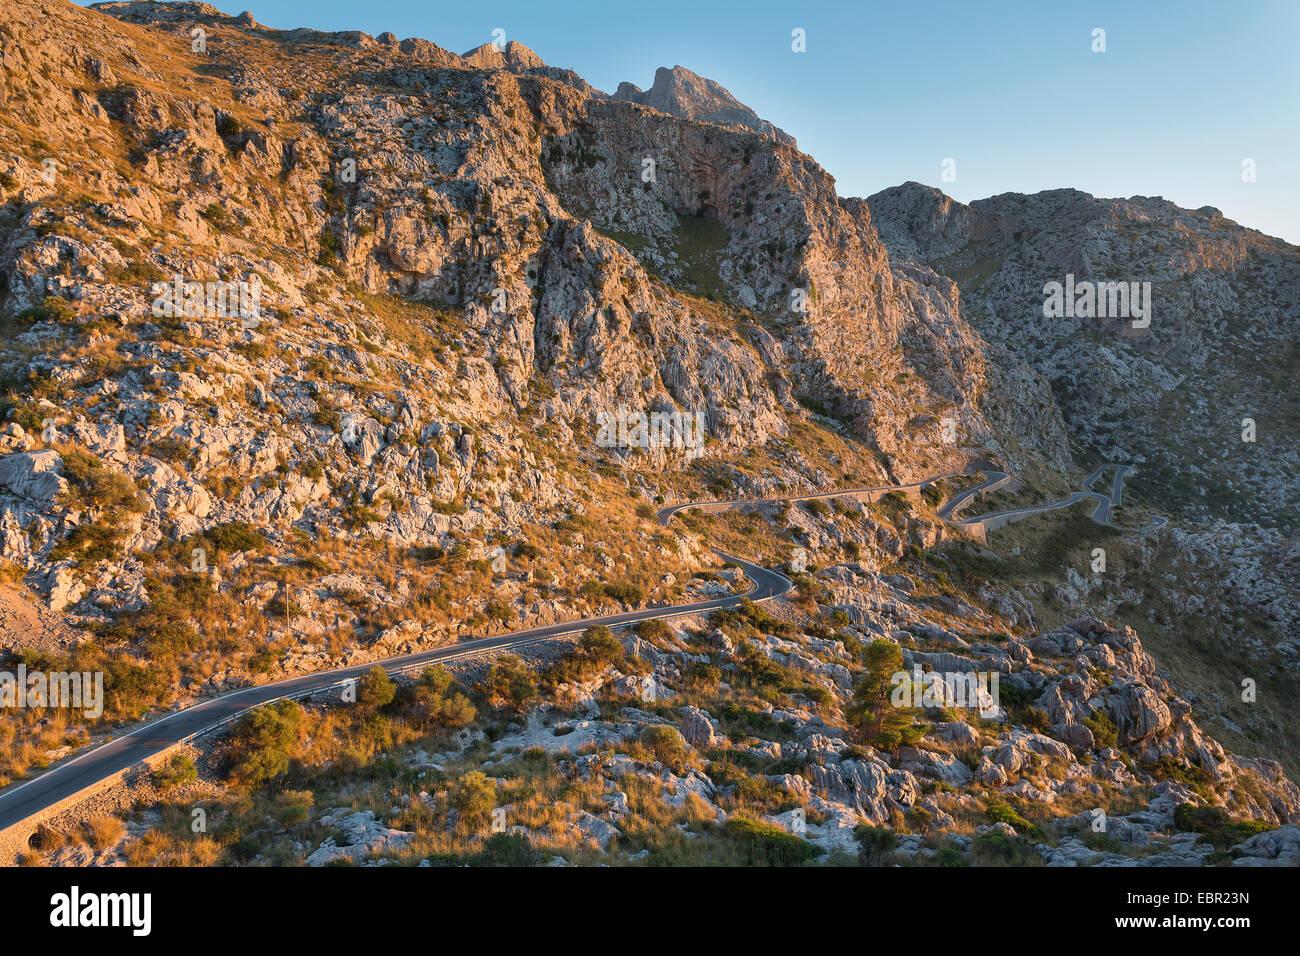 Winding road to Cala de Sa calobra, Serra de Tramuntana (Sierra de Tramuntana) - Stock Image